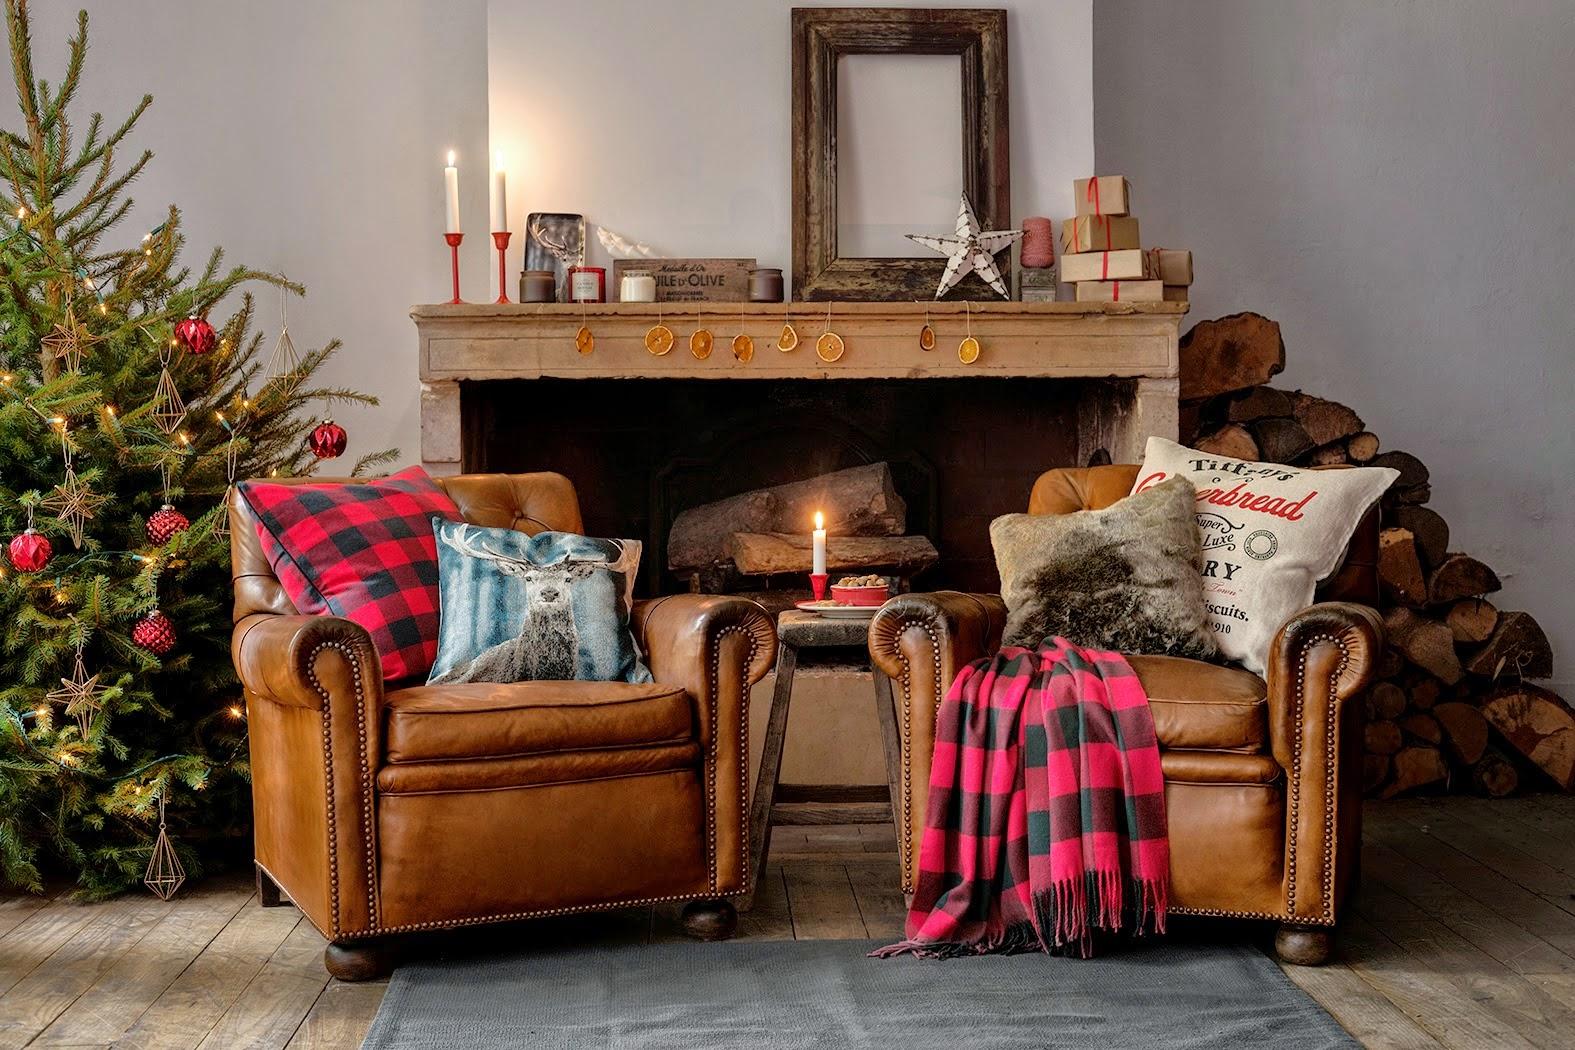 Deco h m home para esta navidad virlova style - Decoracion vintage hogar ...